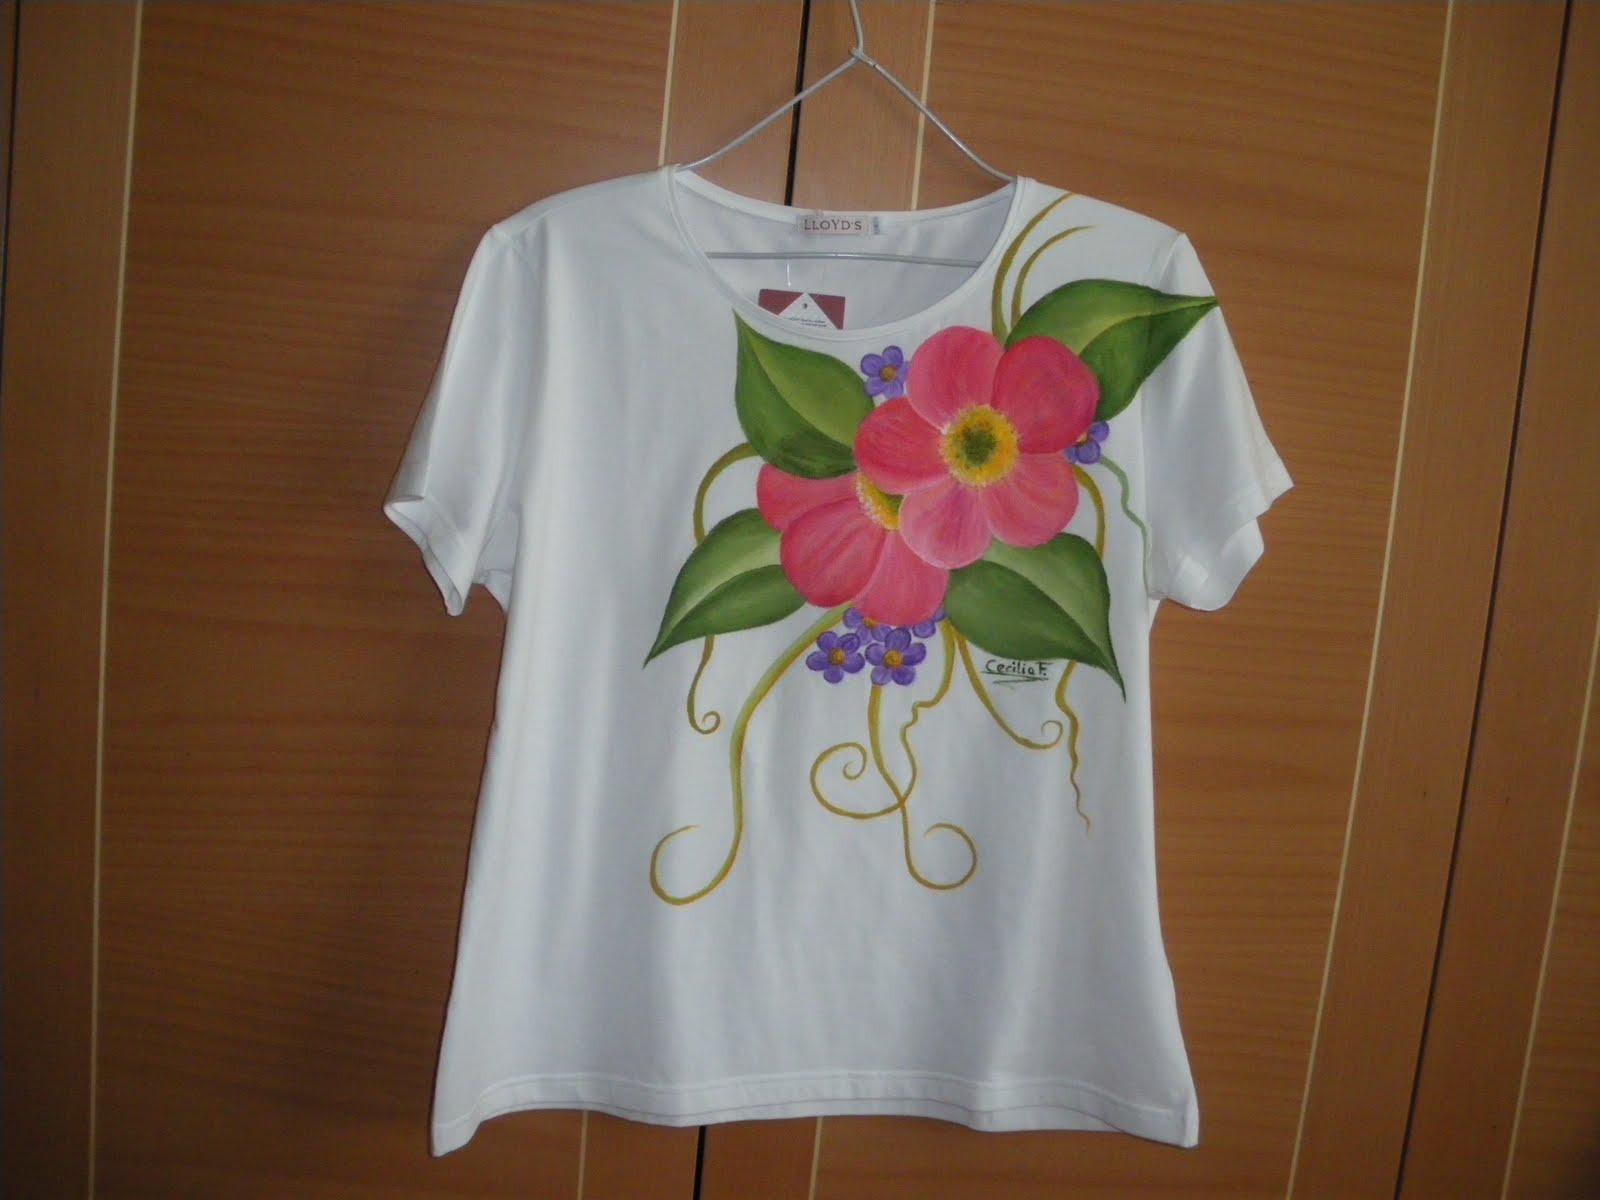 Artesania pintura en tela y manualidades camisetas pintadas y listas para entregar - Plantillas para pintar camisetas a mano ...